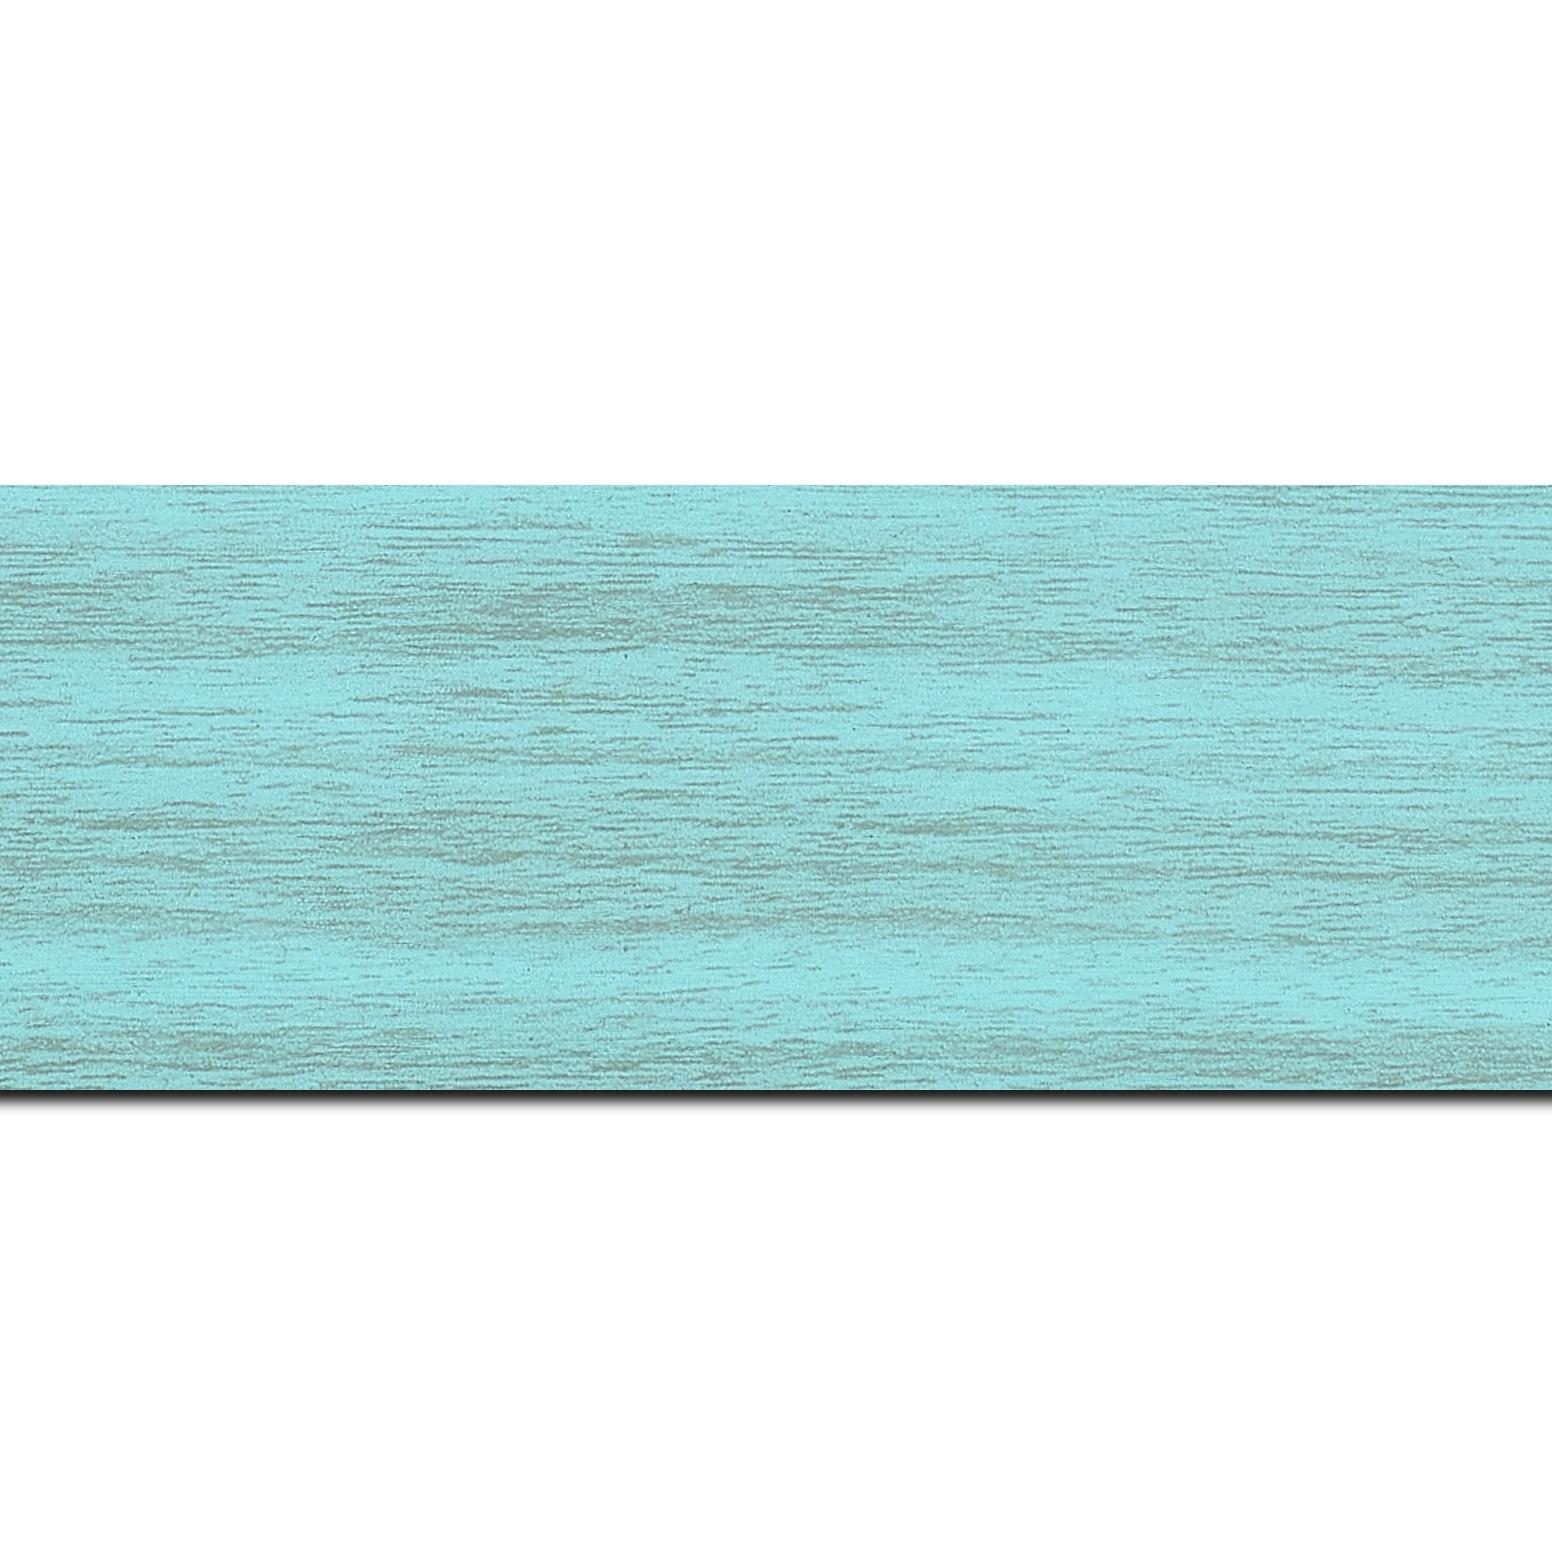 Baguette longueur 1.40m bois profil plat largeur 6cm turquoise satiné effet veiné ,chant extérieur du cadre de couleur noire